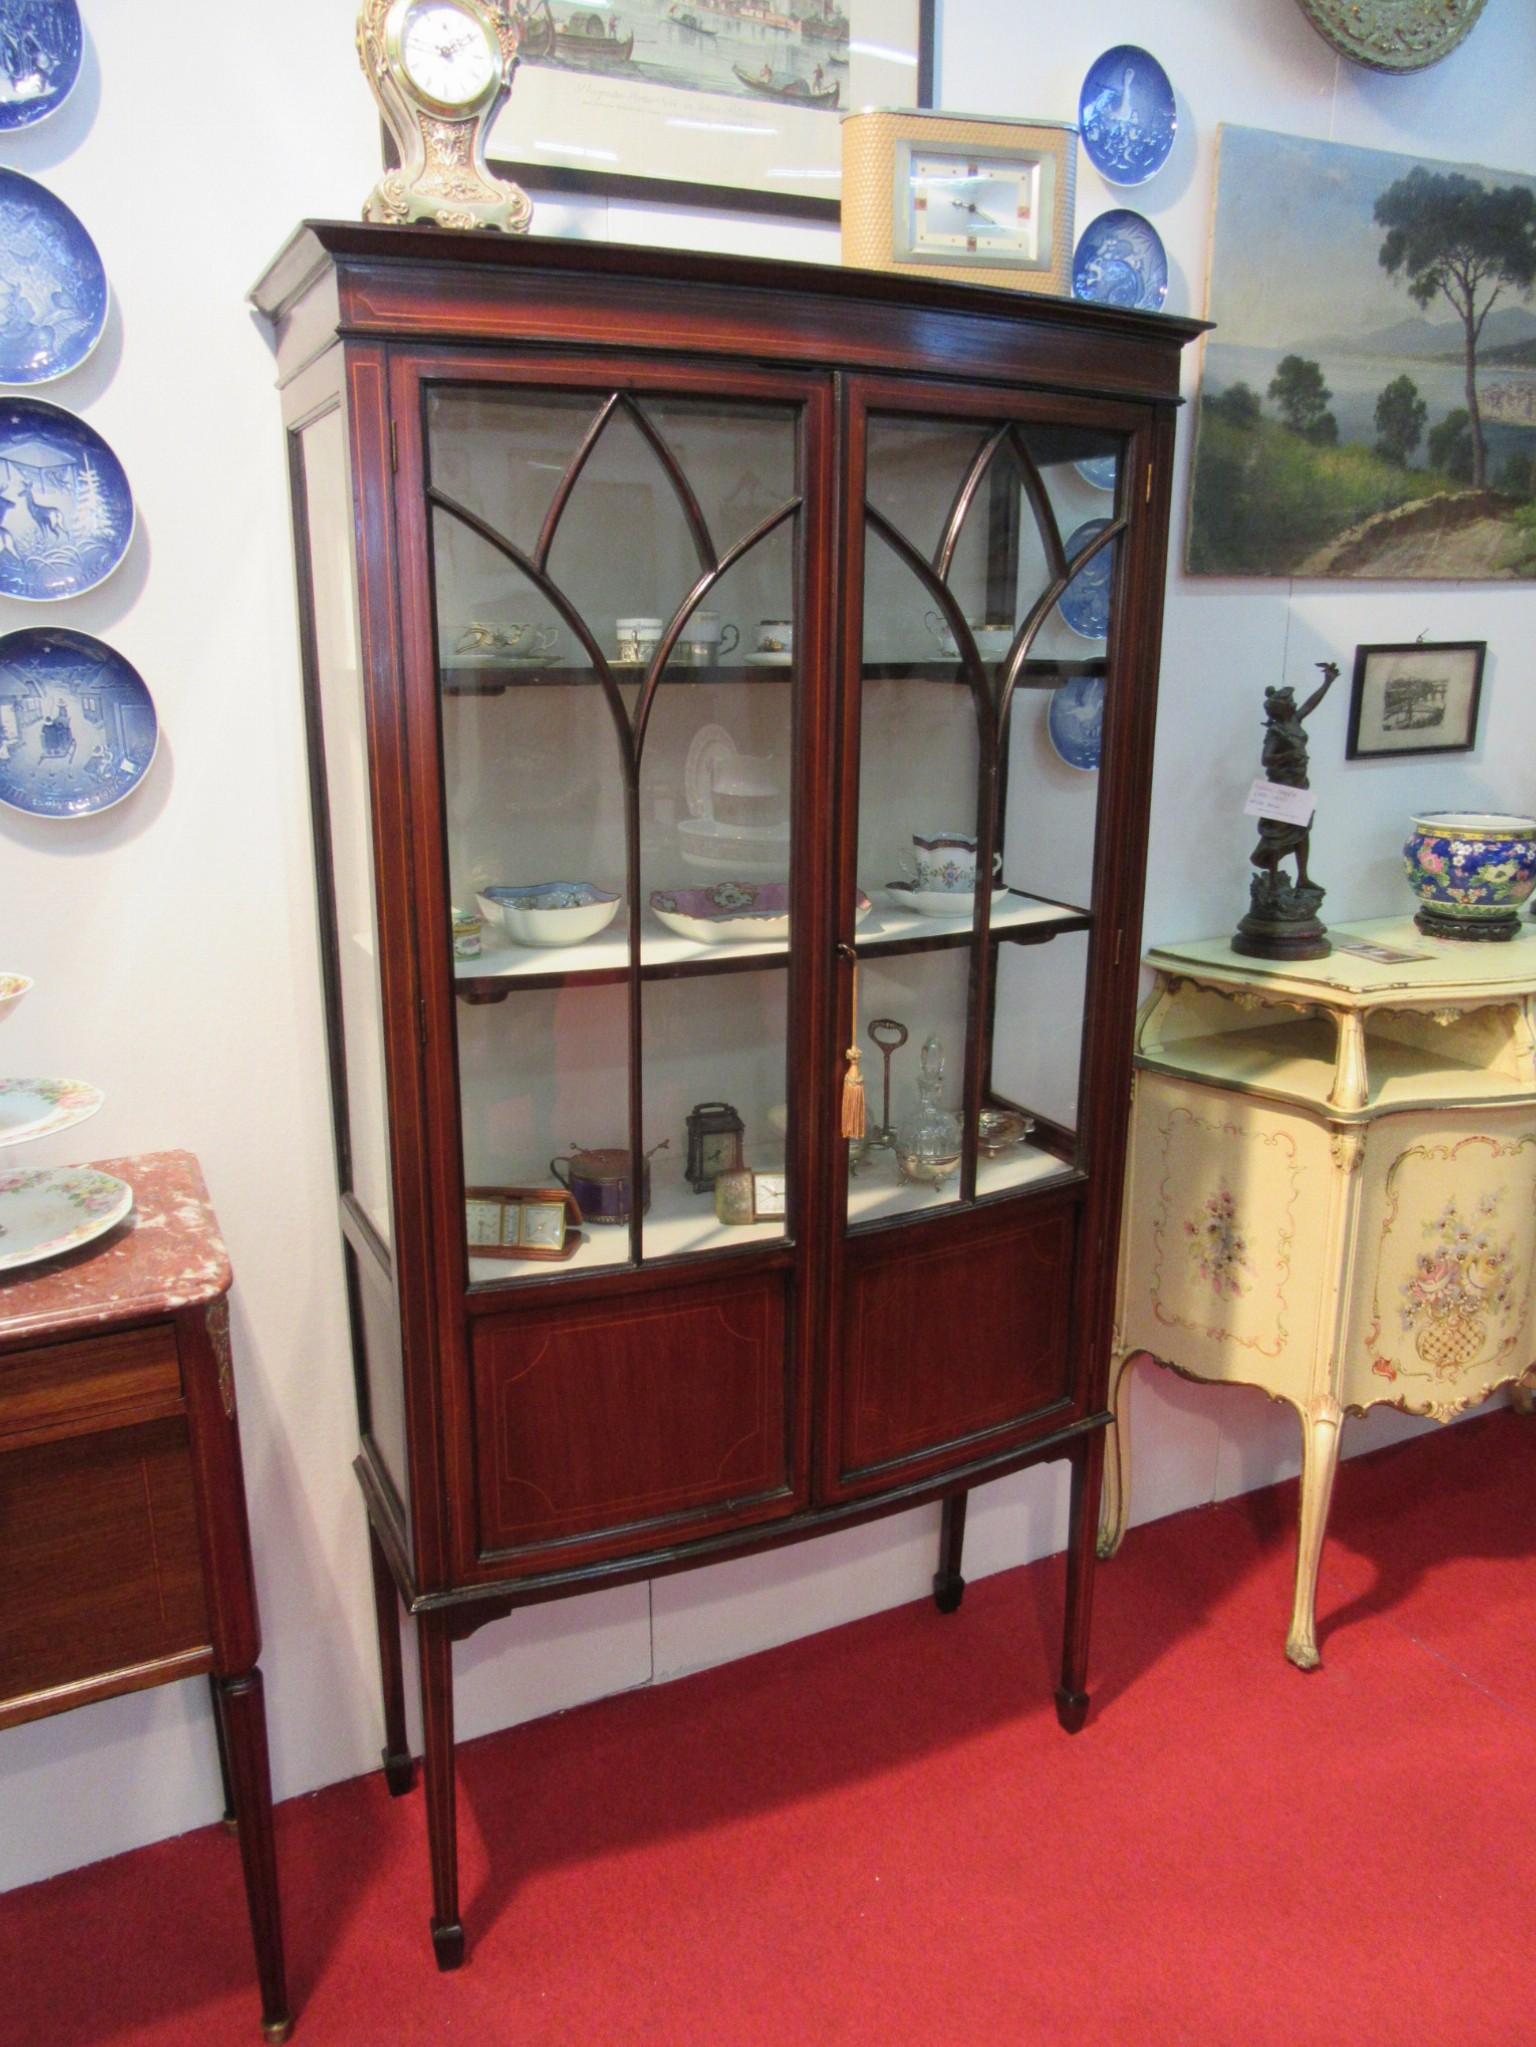 Vetrine librerie arredamento mobili antiquariato musetti for Arredamento vetrine